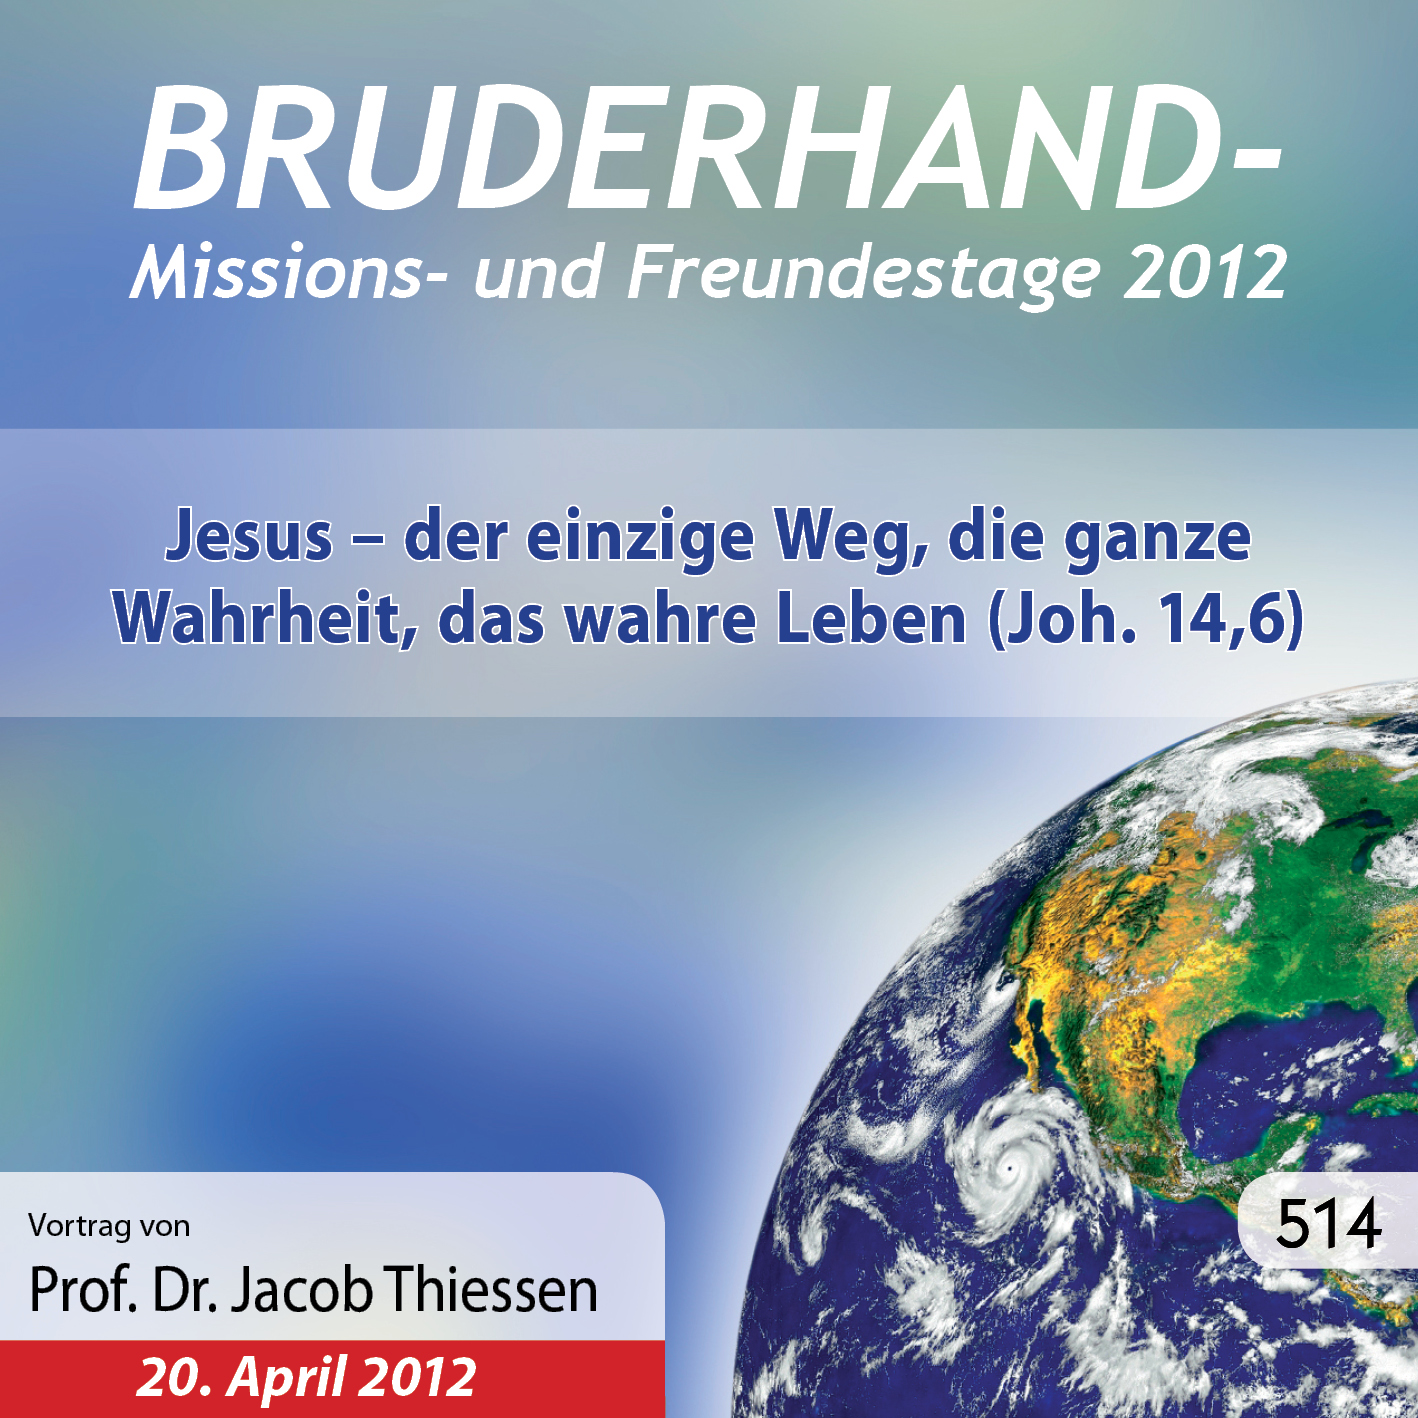 Missions- und Freundestage 2012: Jesus – der einzige Weg, die ganze Wahrheit, das wahre Leben (Joh. 14,6)